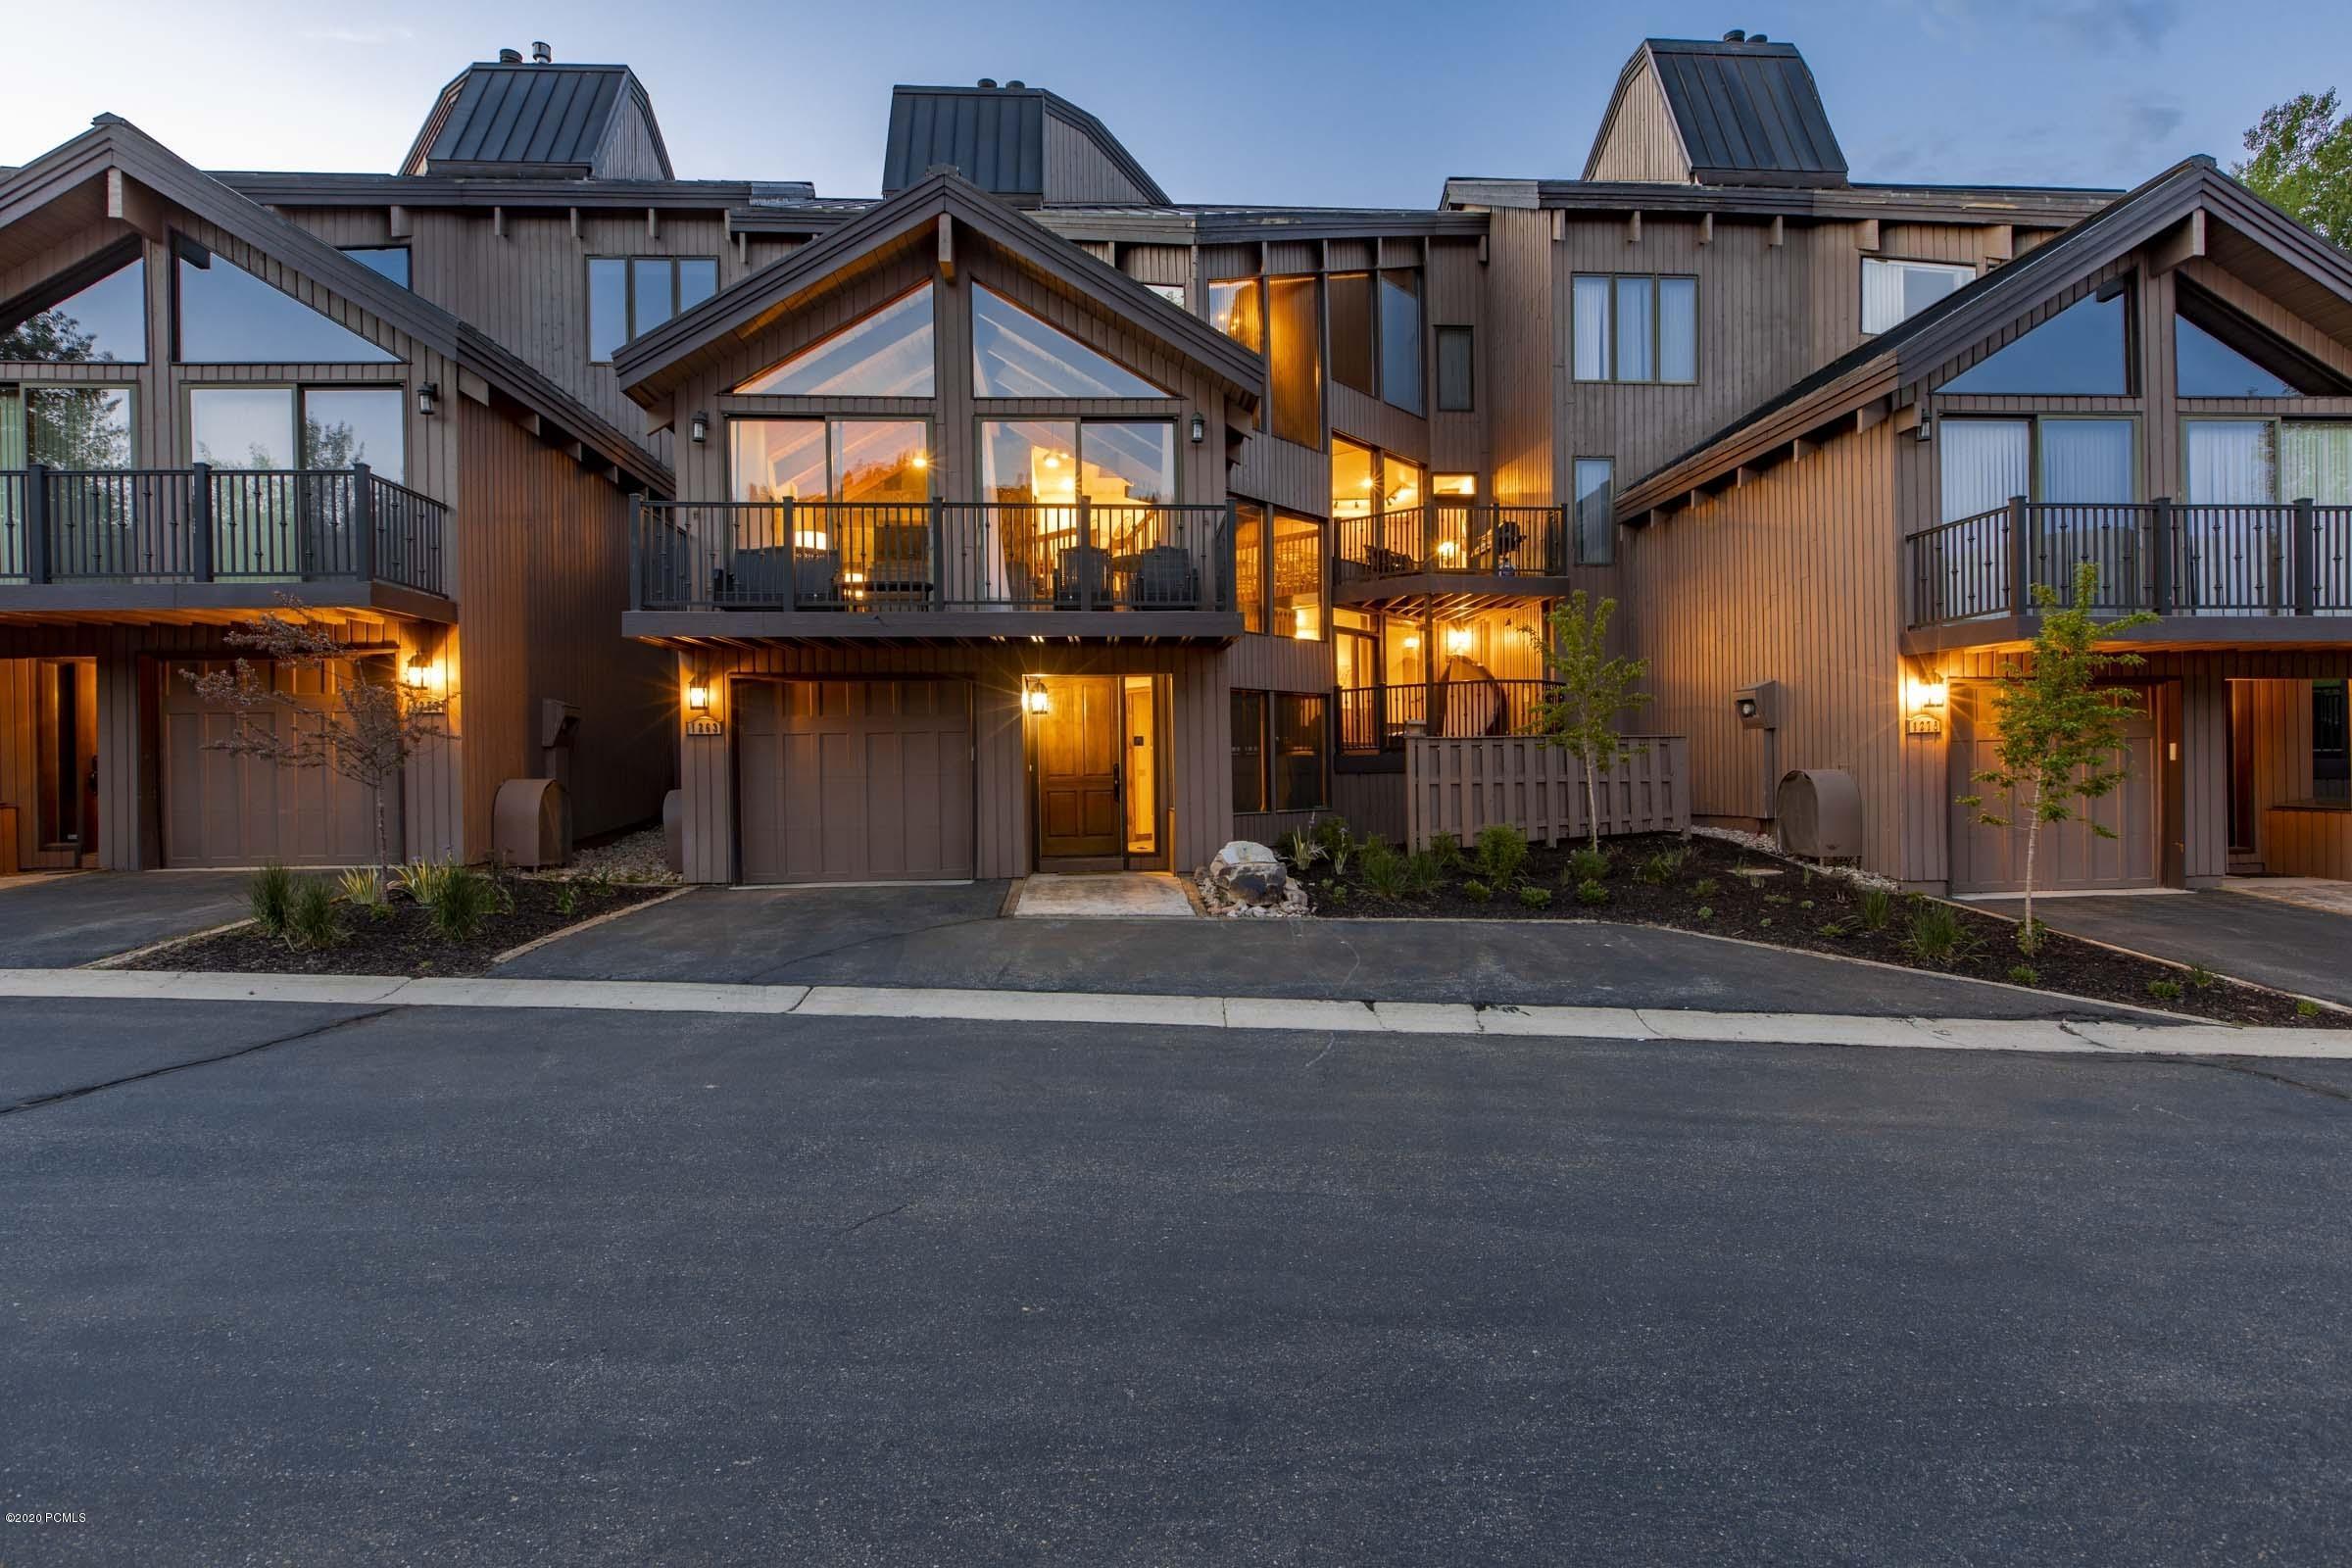 1263 Pinnacle Court, Park City, Utah 84060, 4 Bedrooms Bedrooms, ,4 BathroomsBathrooms,Condominium,For Sale,Pinnacle,20190109112430415765000000